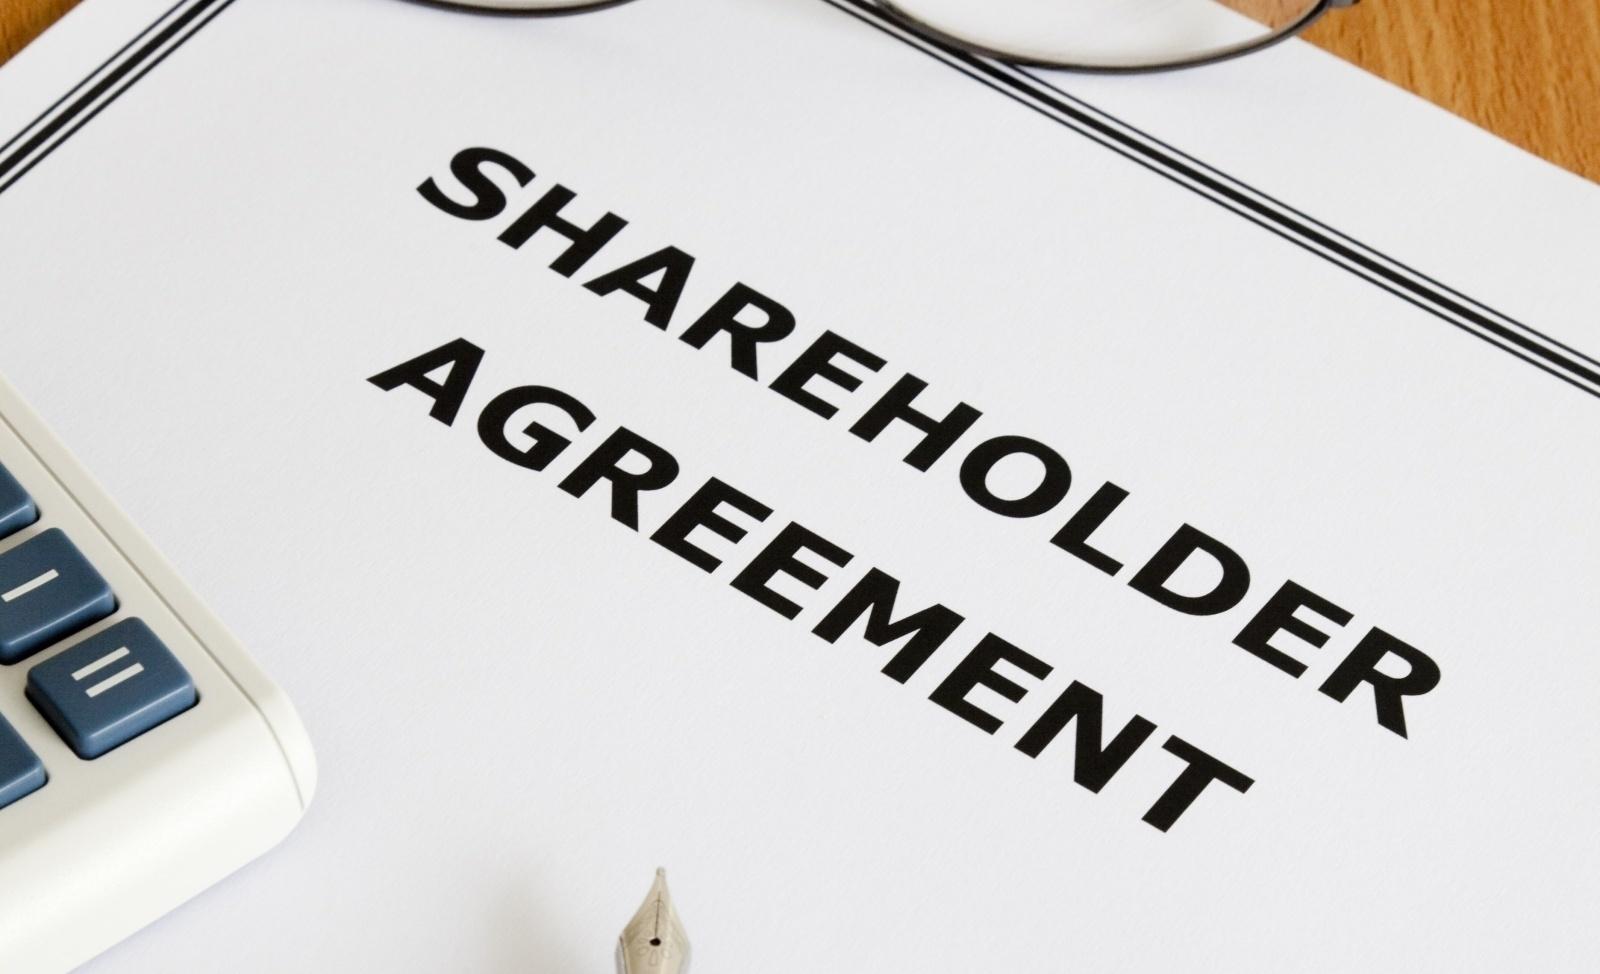 endeavorlegal-shareholder-agreement1